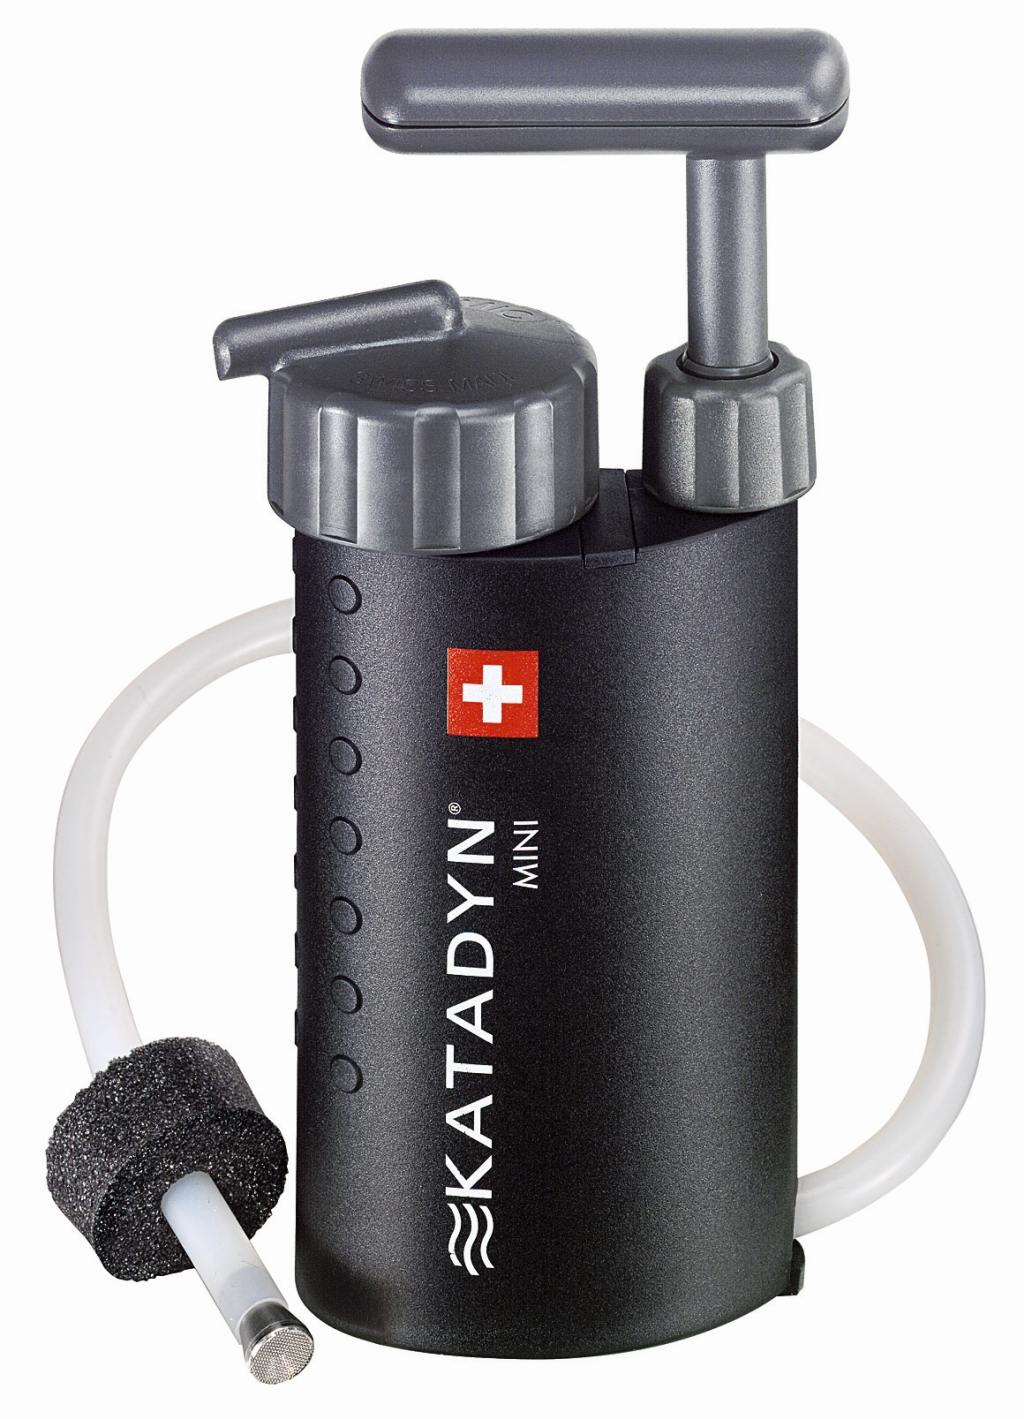 Katadyn Mini Filter-30